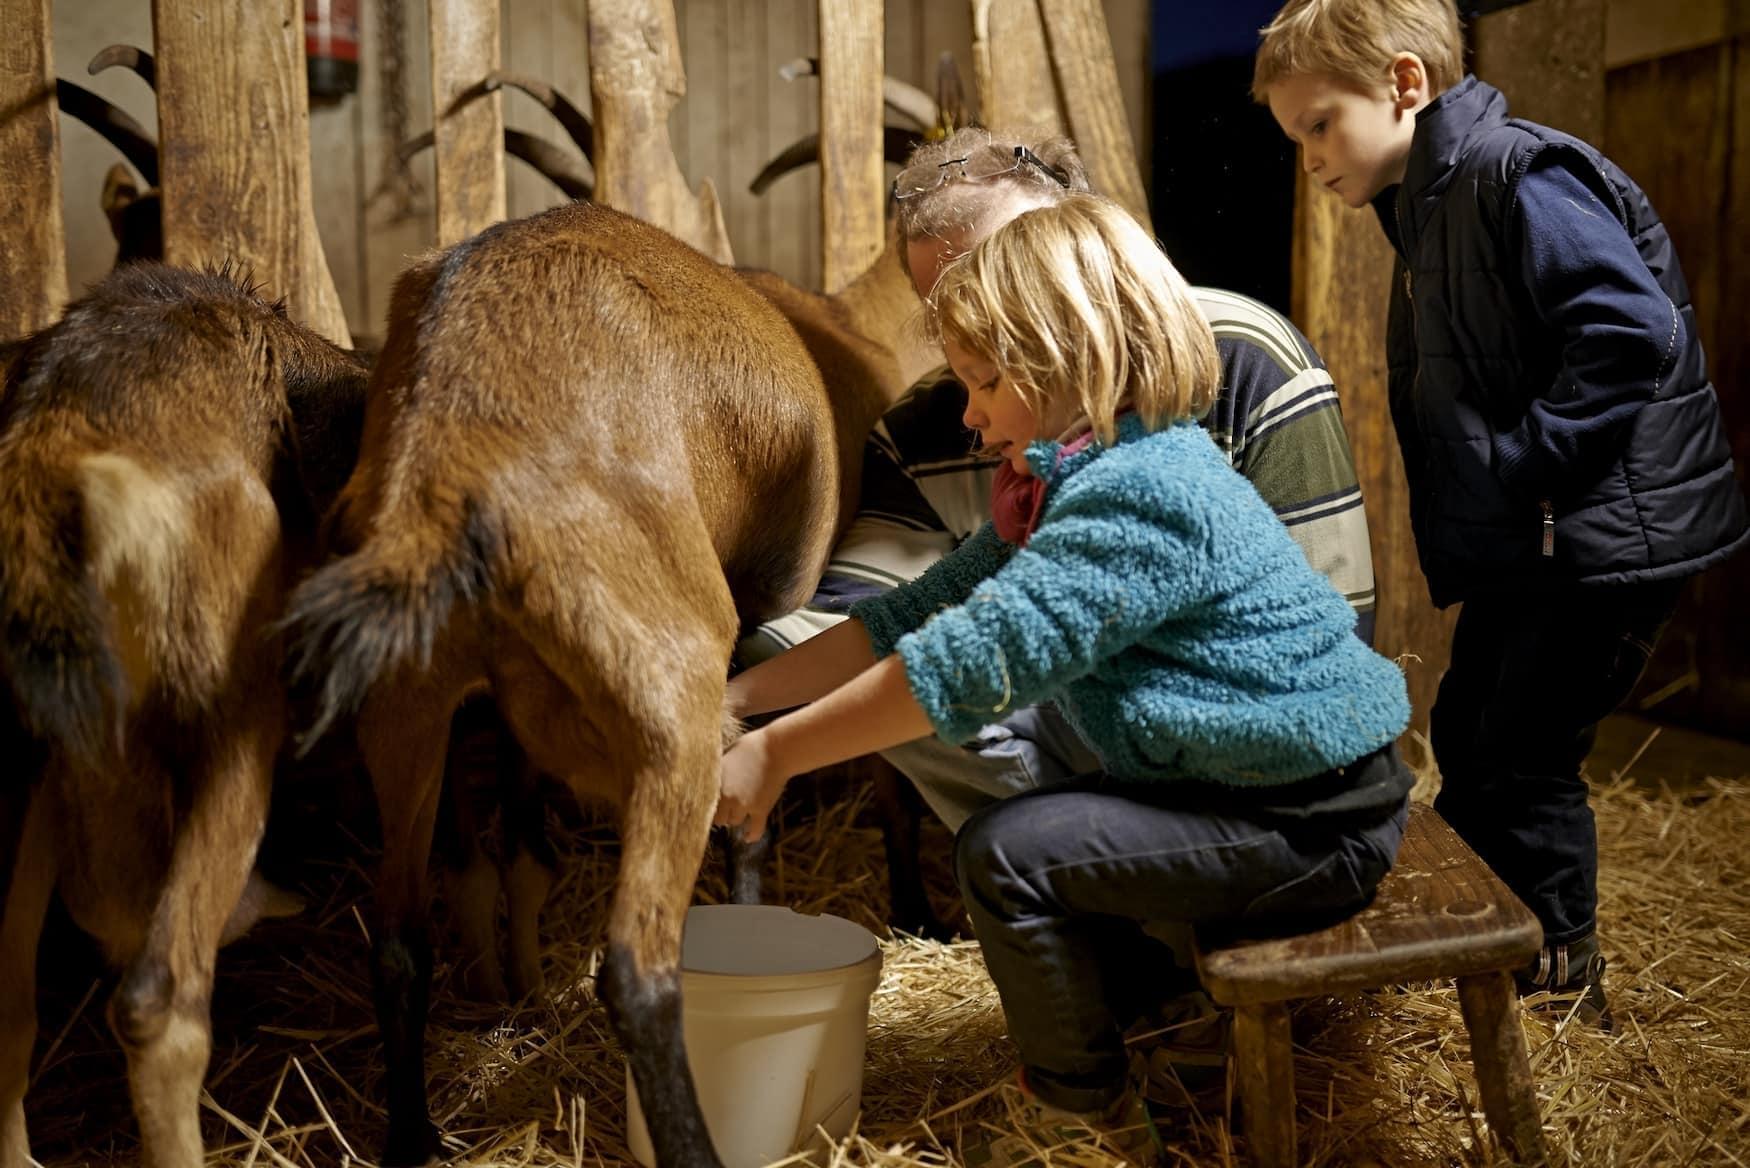 Kinder sitzen in einem Stall und melken Kühe